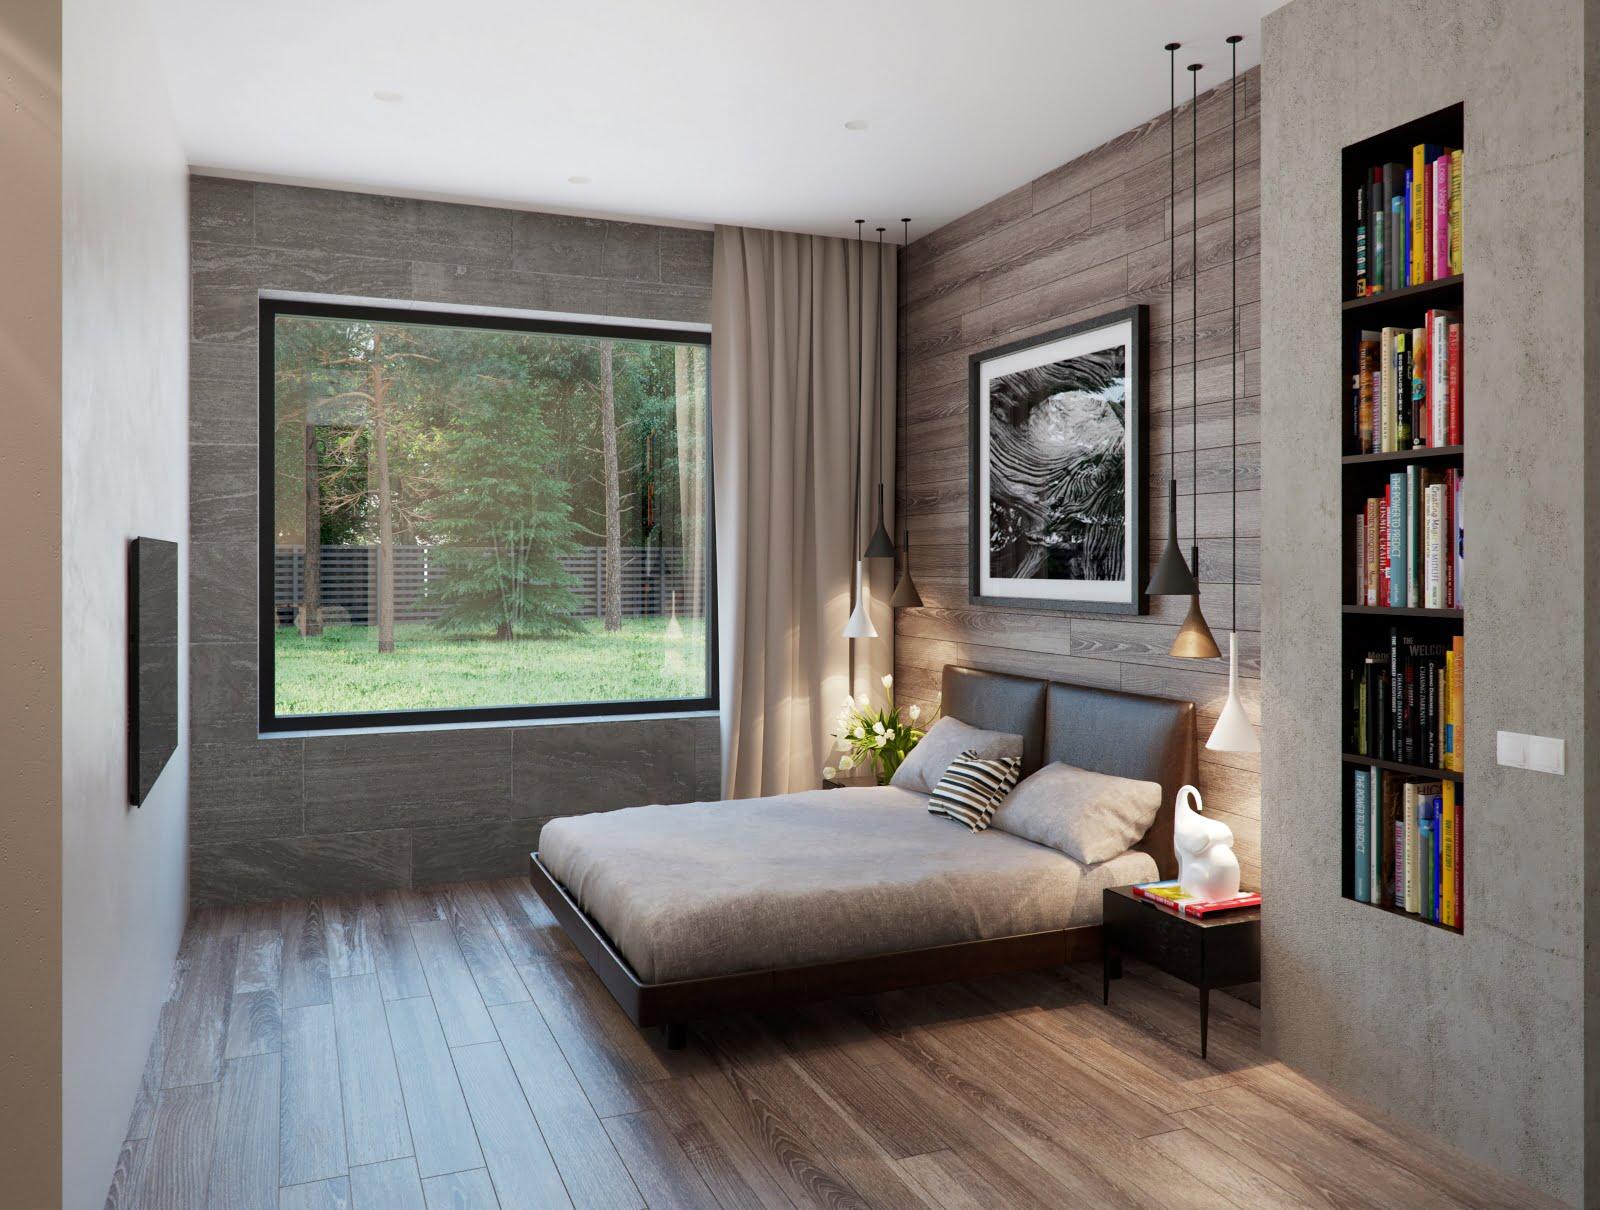 thiết kế phòng ngủ nhỏ đẹp 19